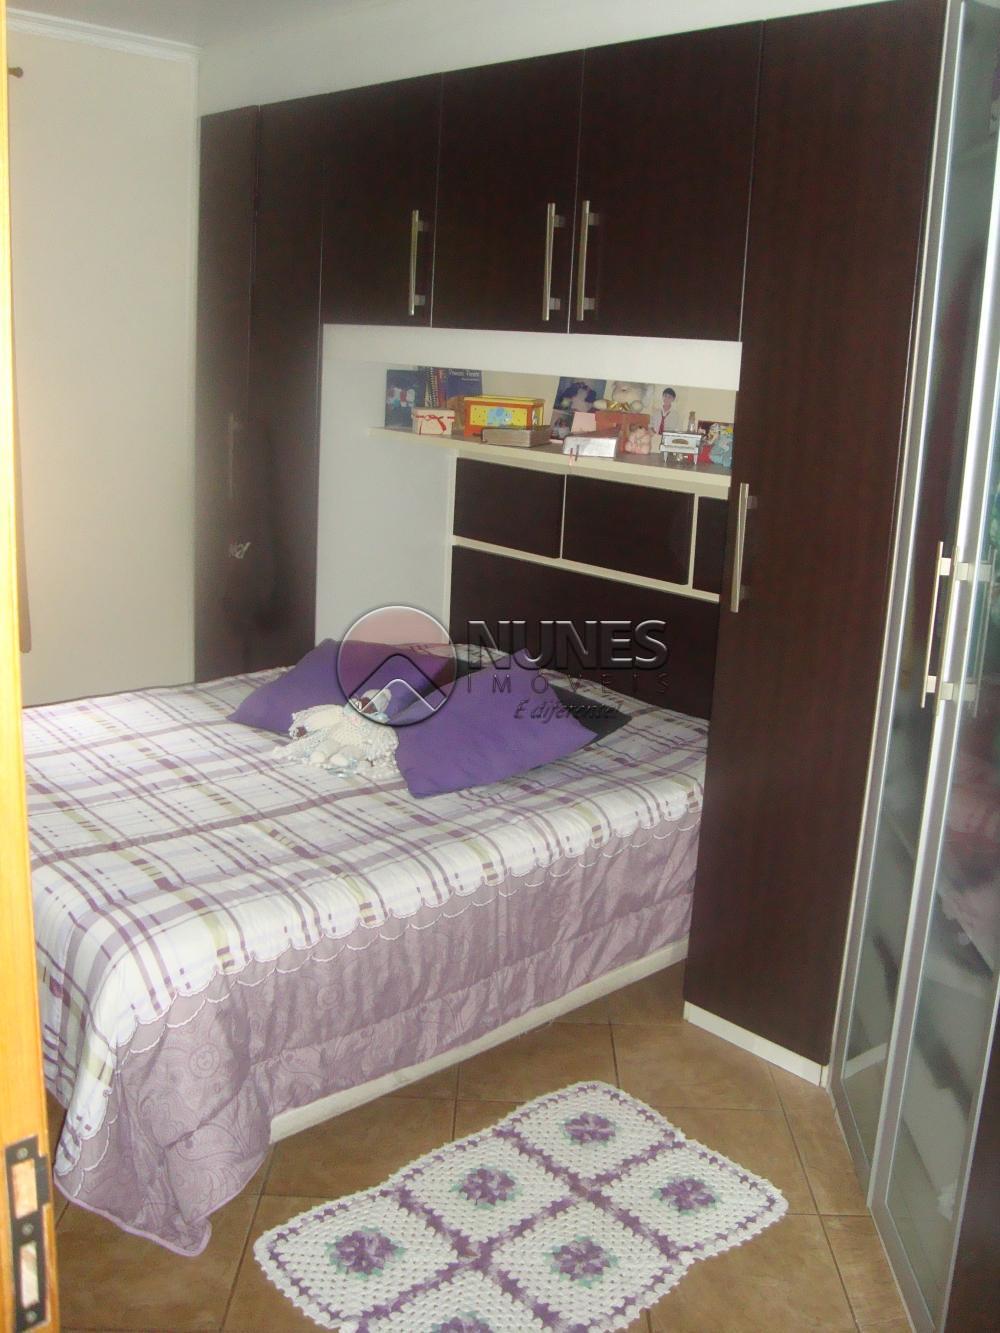 Comprar Apartamento / Padrão em Osasco apenas R$ 195.000,00 - Foto 6